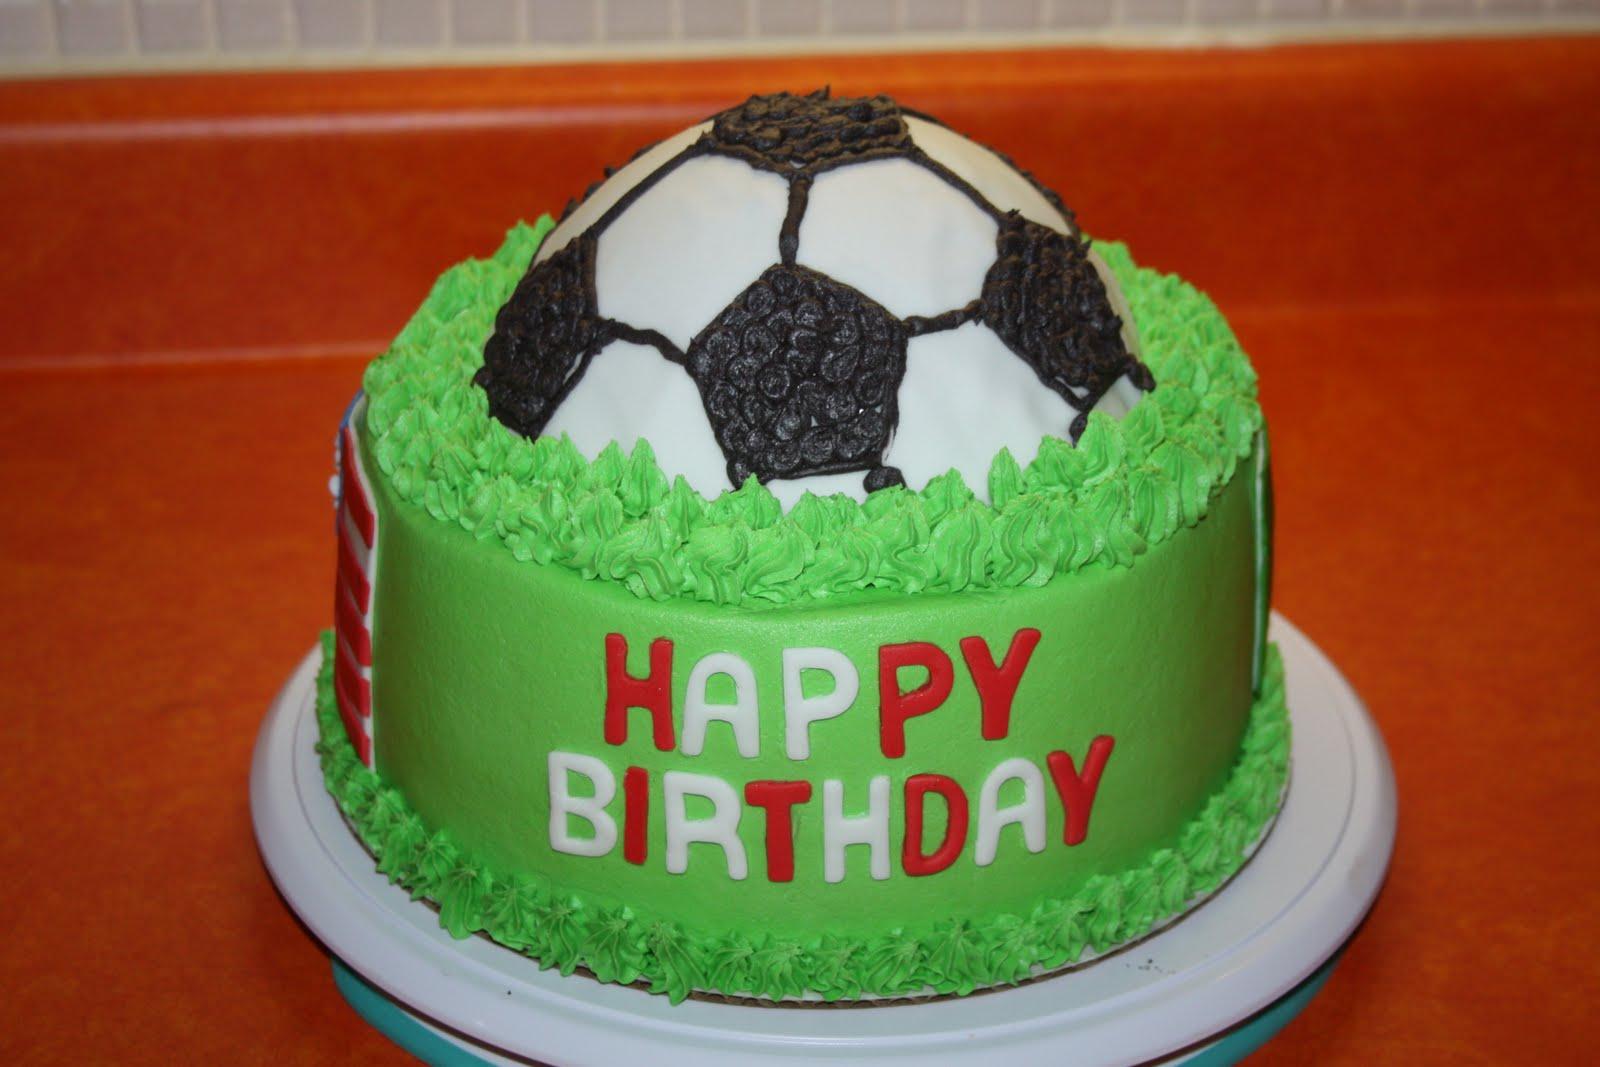 Images Of Soccer Ball Cake : Feliz cumpleanos pelota cuadrada